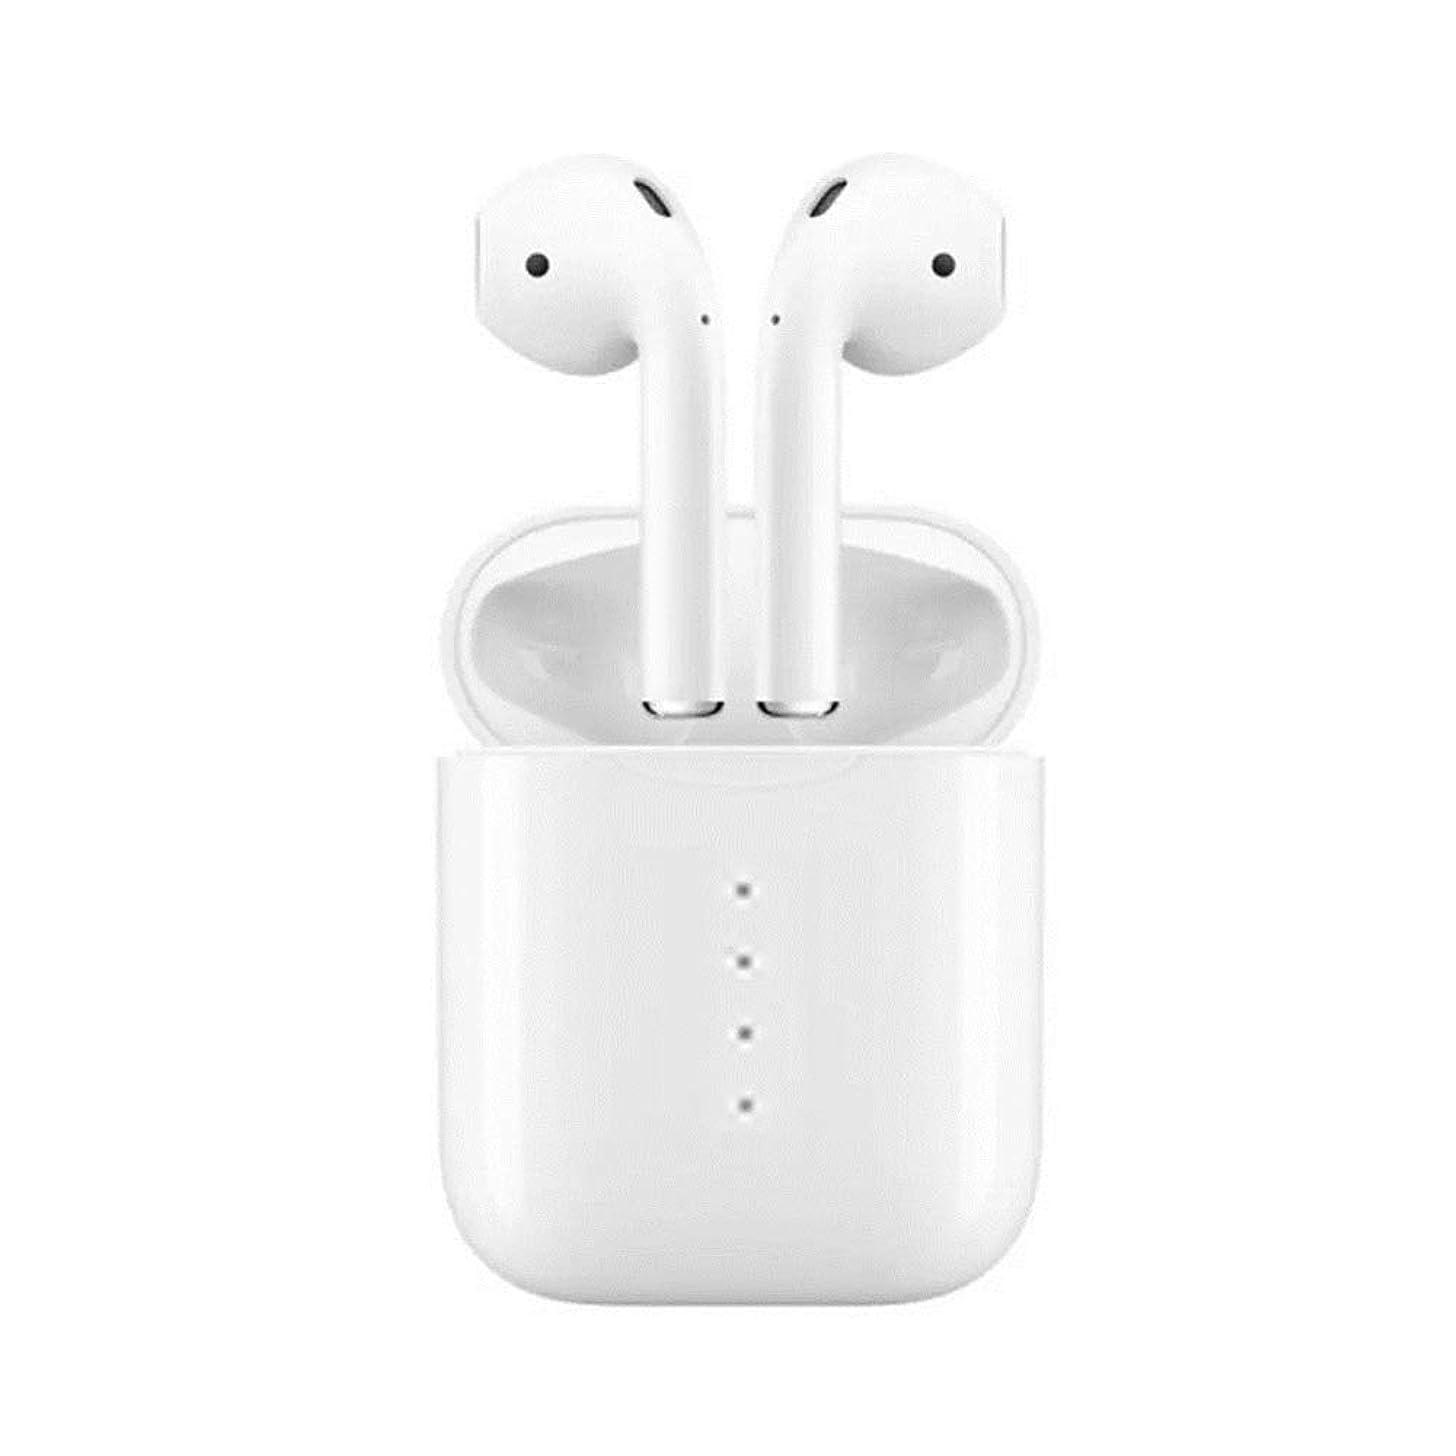 と闘う速度自動化i10 TWS Bluetooth 5.0 ヘッドセット ブルートゥースイヤホン ワイヤレスヘッドセット 高音質 自動ペアリング 自動ON/OFF スポーツイヤホン 片耳両耳とも対応 左右分離型 マイク内蔵 充電ボックス付き iPhone&Android対応